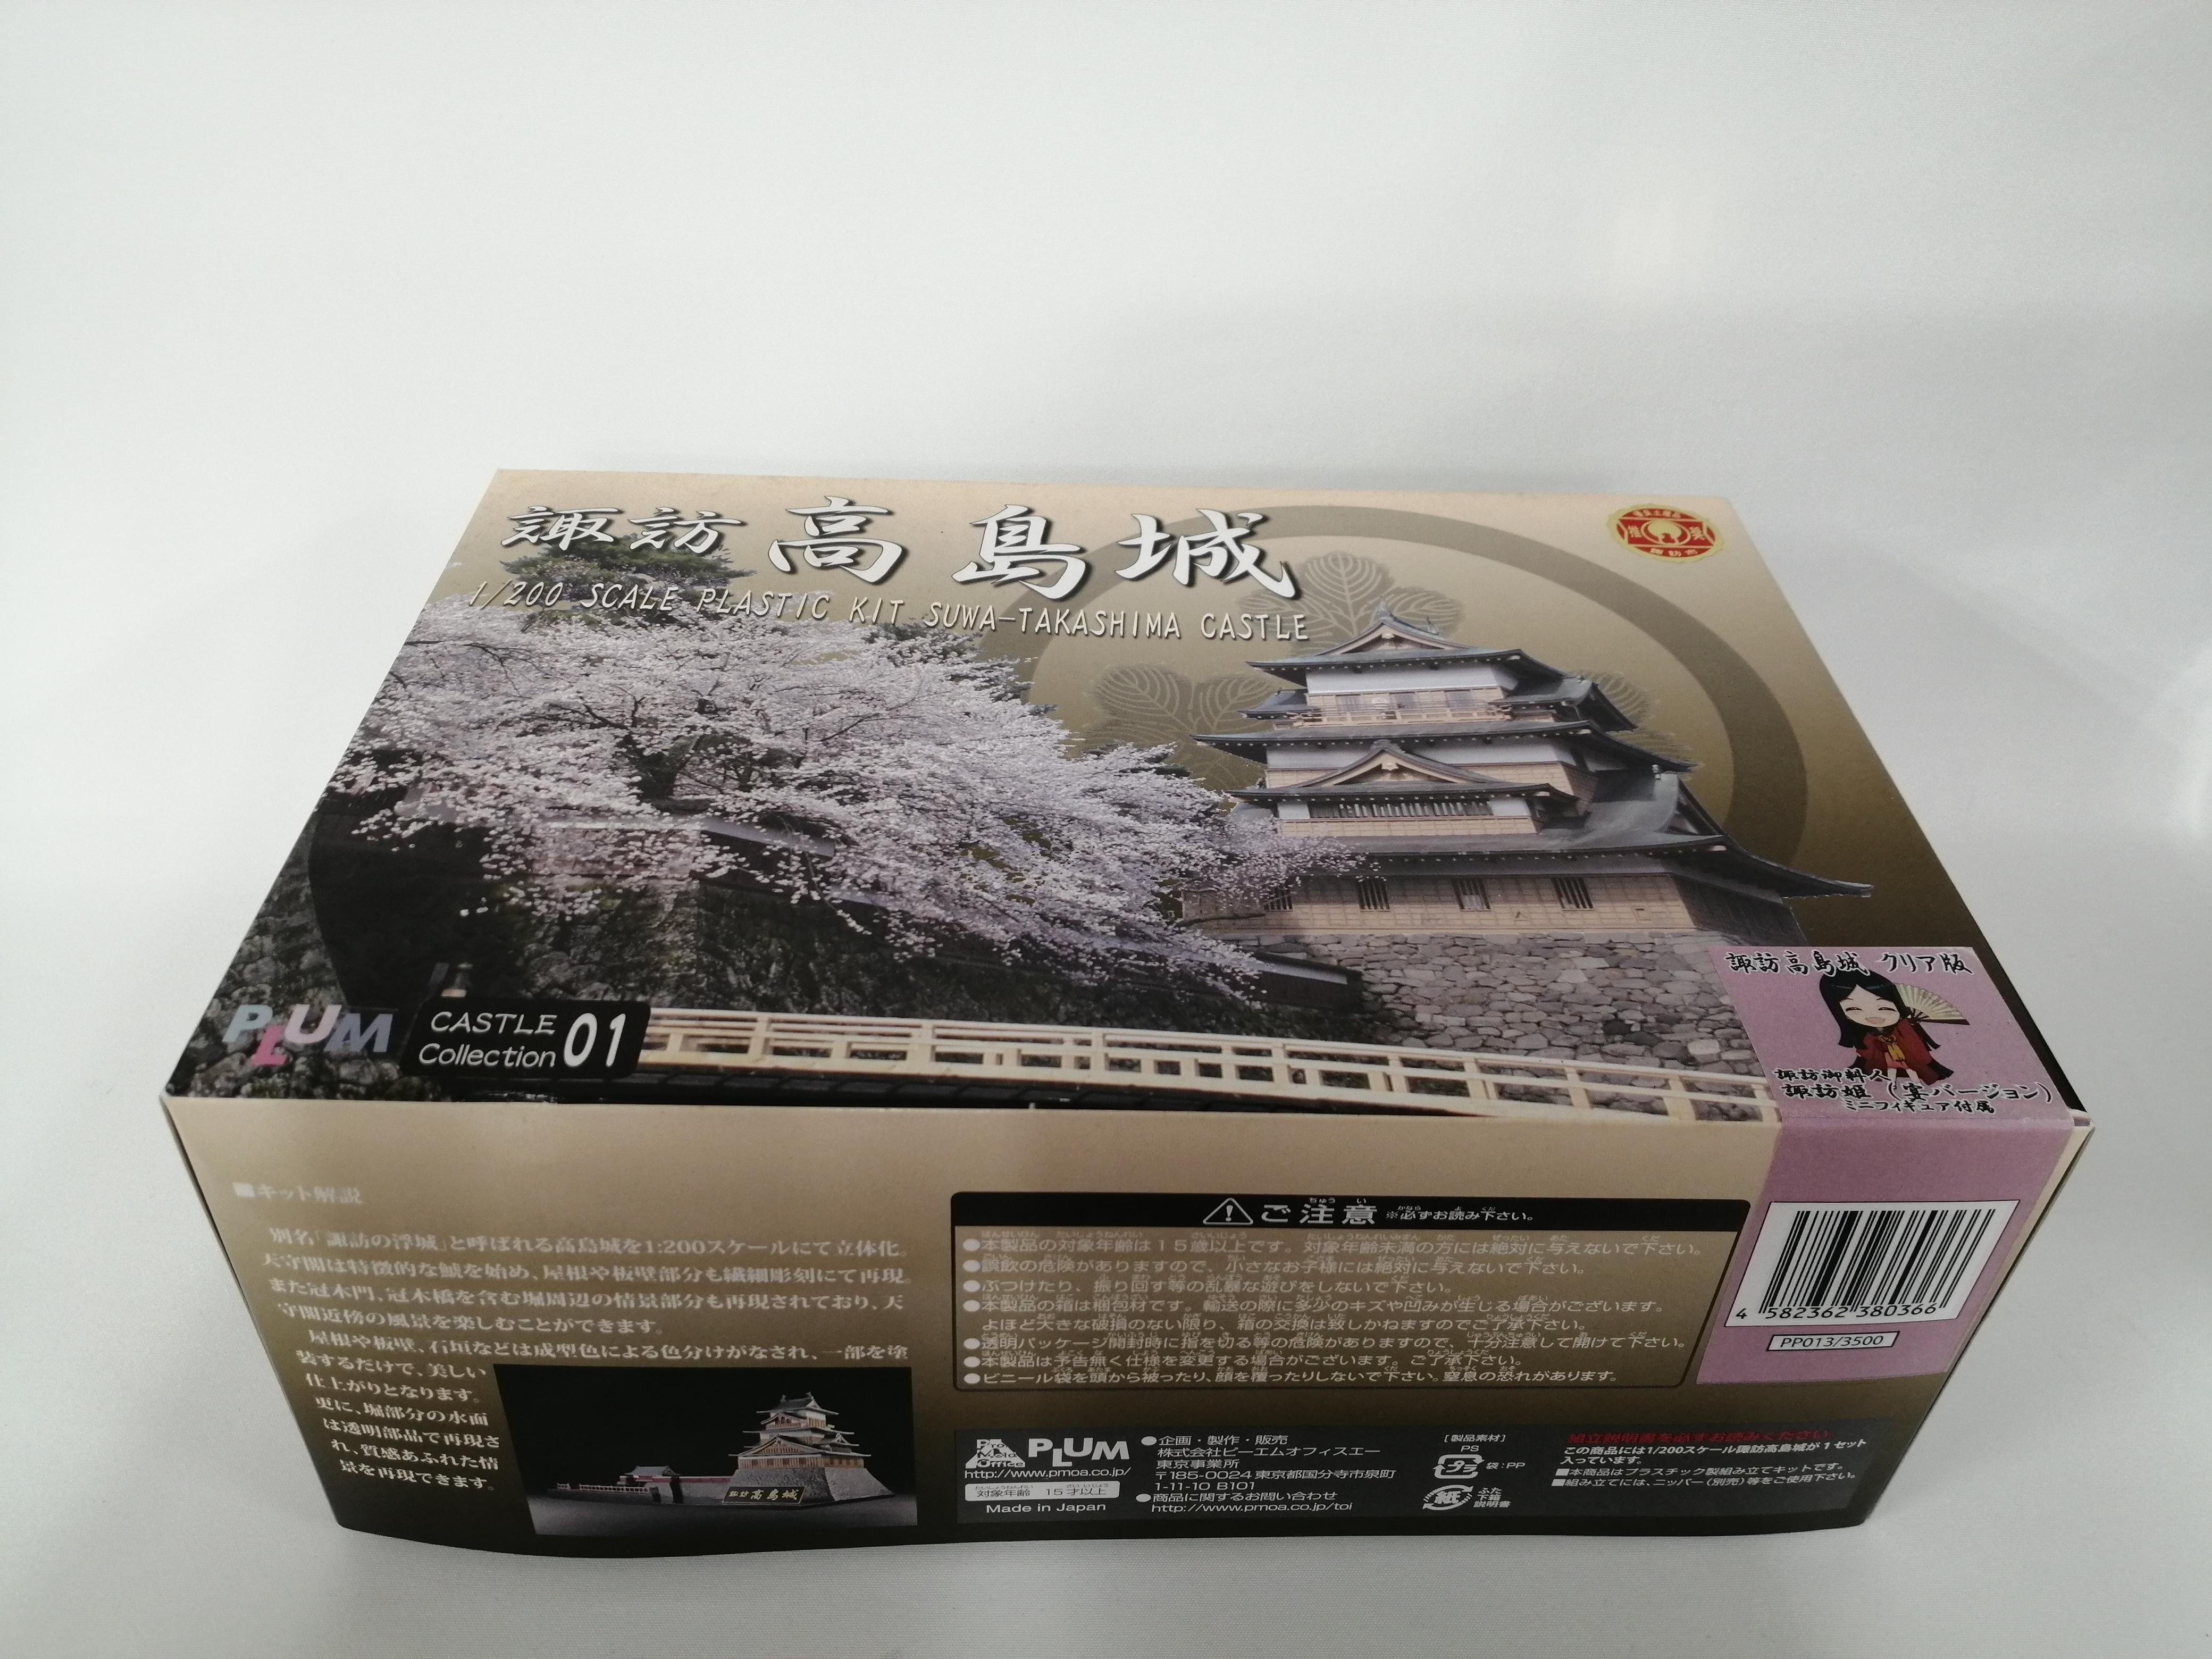 【未組立】1/200スケールモデル 諏訪 高島城|PLUM